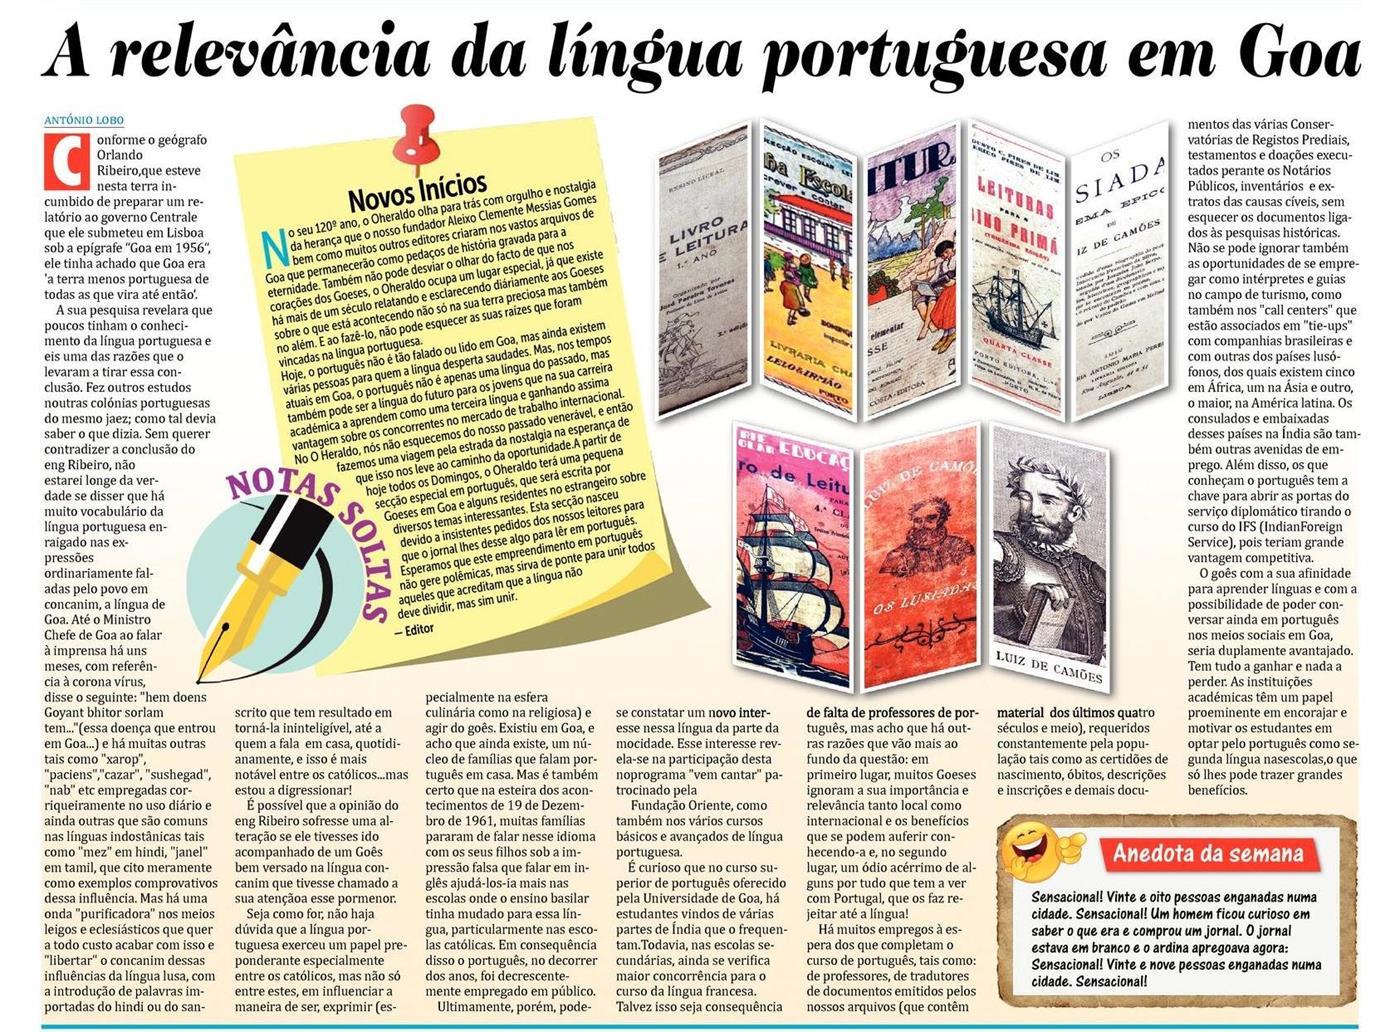 E se um jornal de Goa voltar a escrever em português? Aconteceu